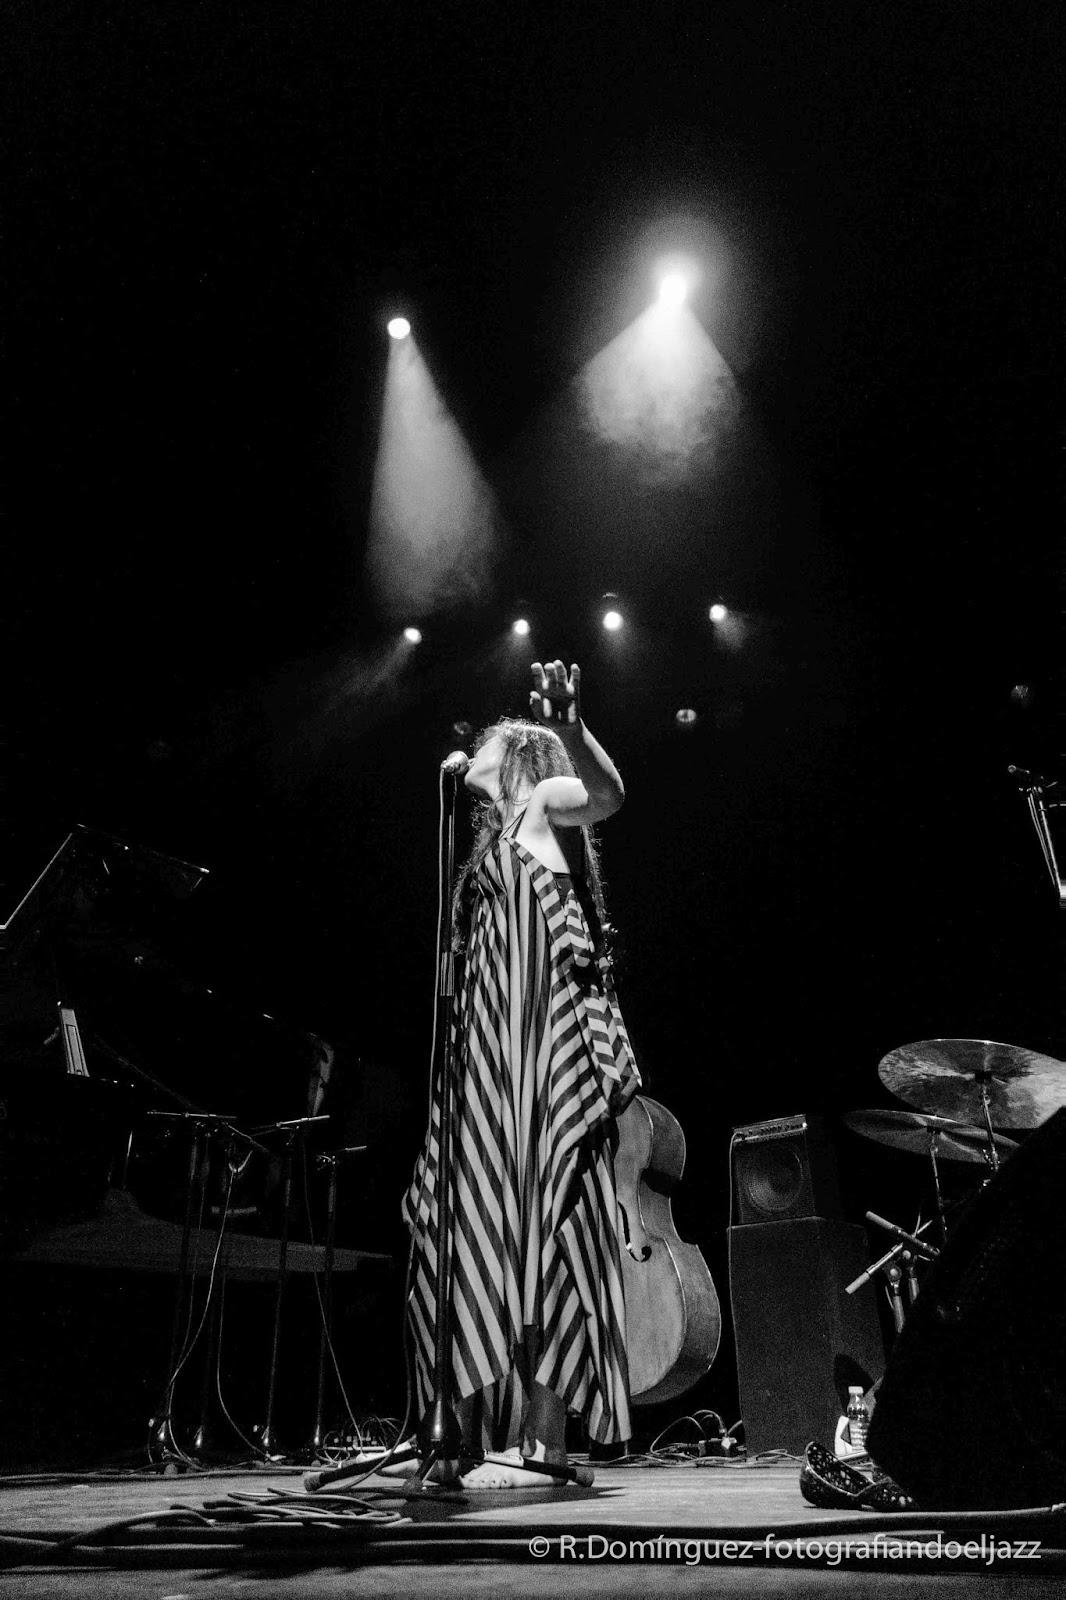 © R.Domínguez - Elina Duni Quartet - Elina Duni